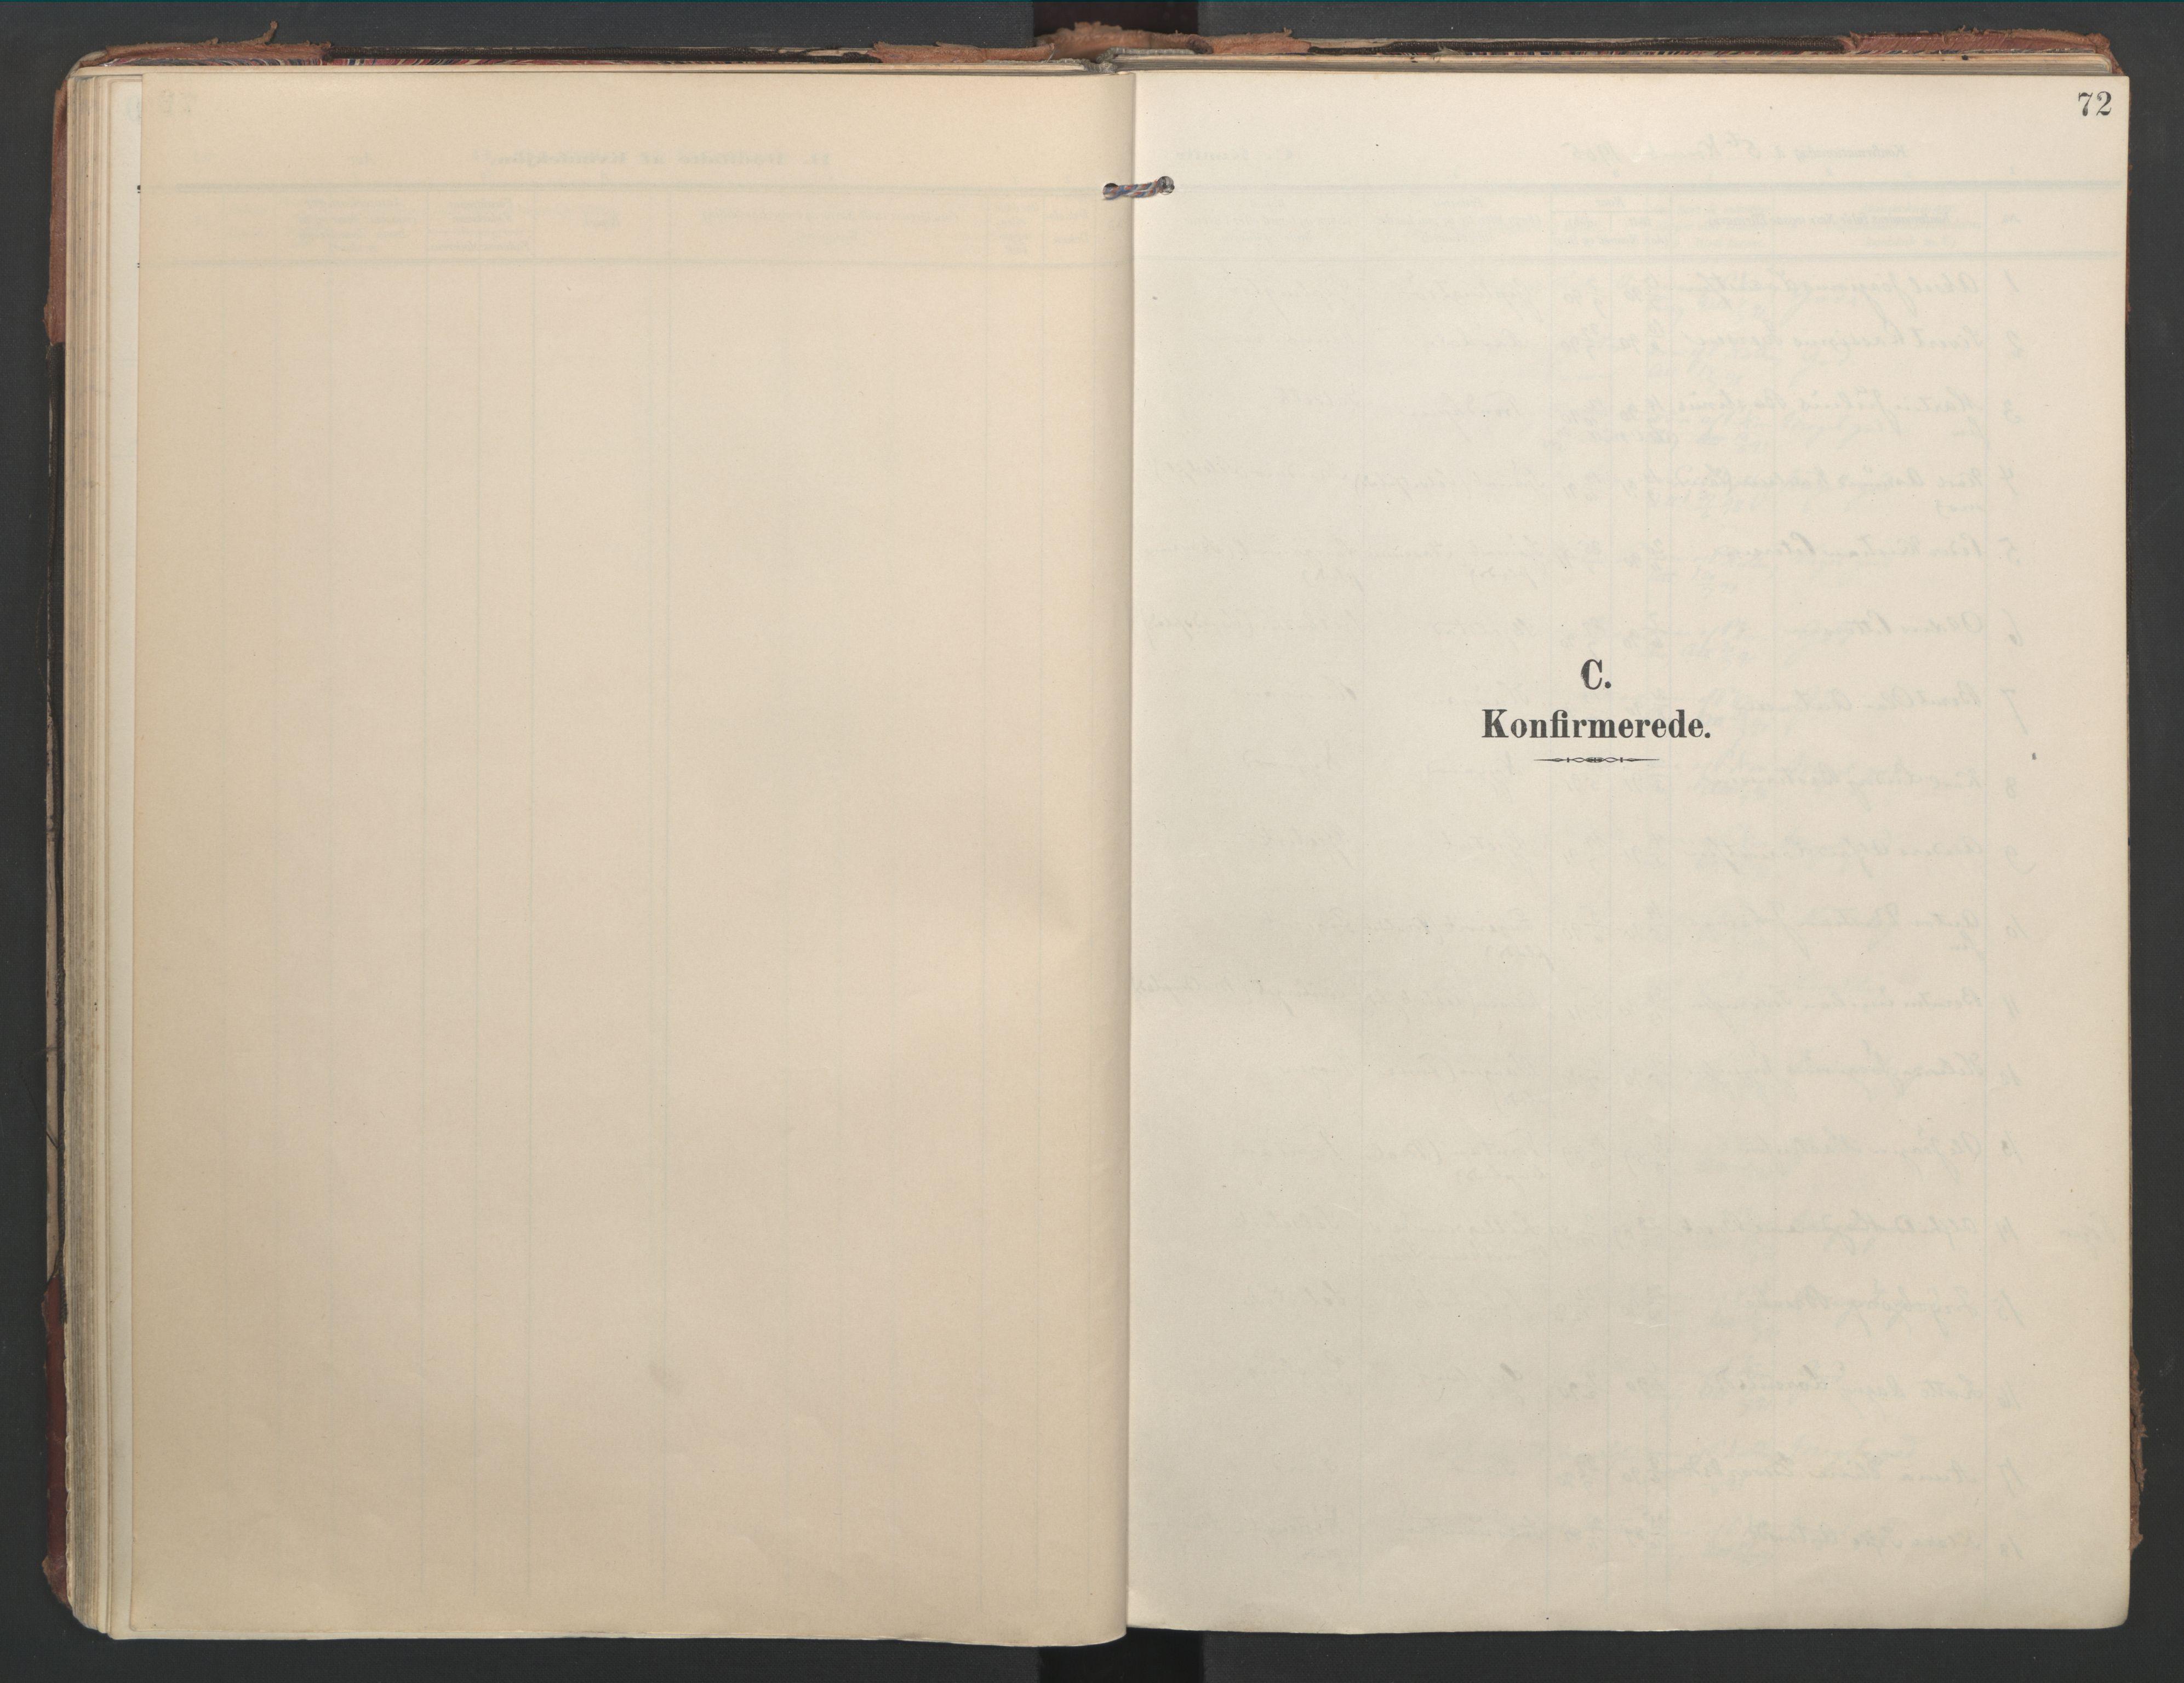 SAT, Ministerialprotokoller, klokkerbøker og fødselsregistre - Nord-Trøndelag, 744/L0421: Ministerialbok nr. 744A05, 1905-1930, s. 72